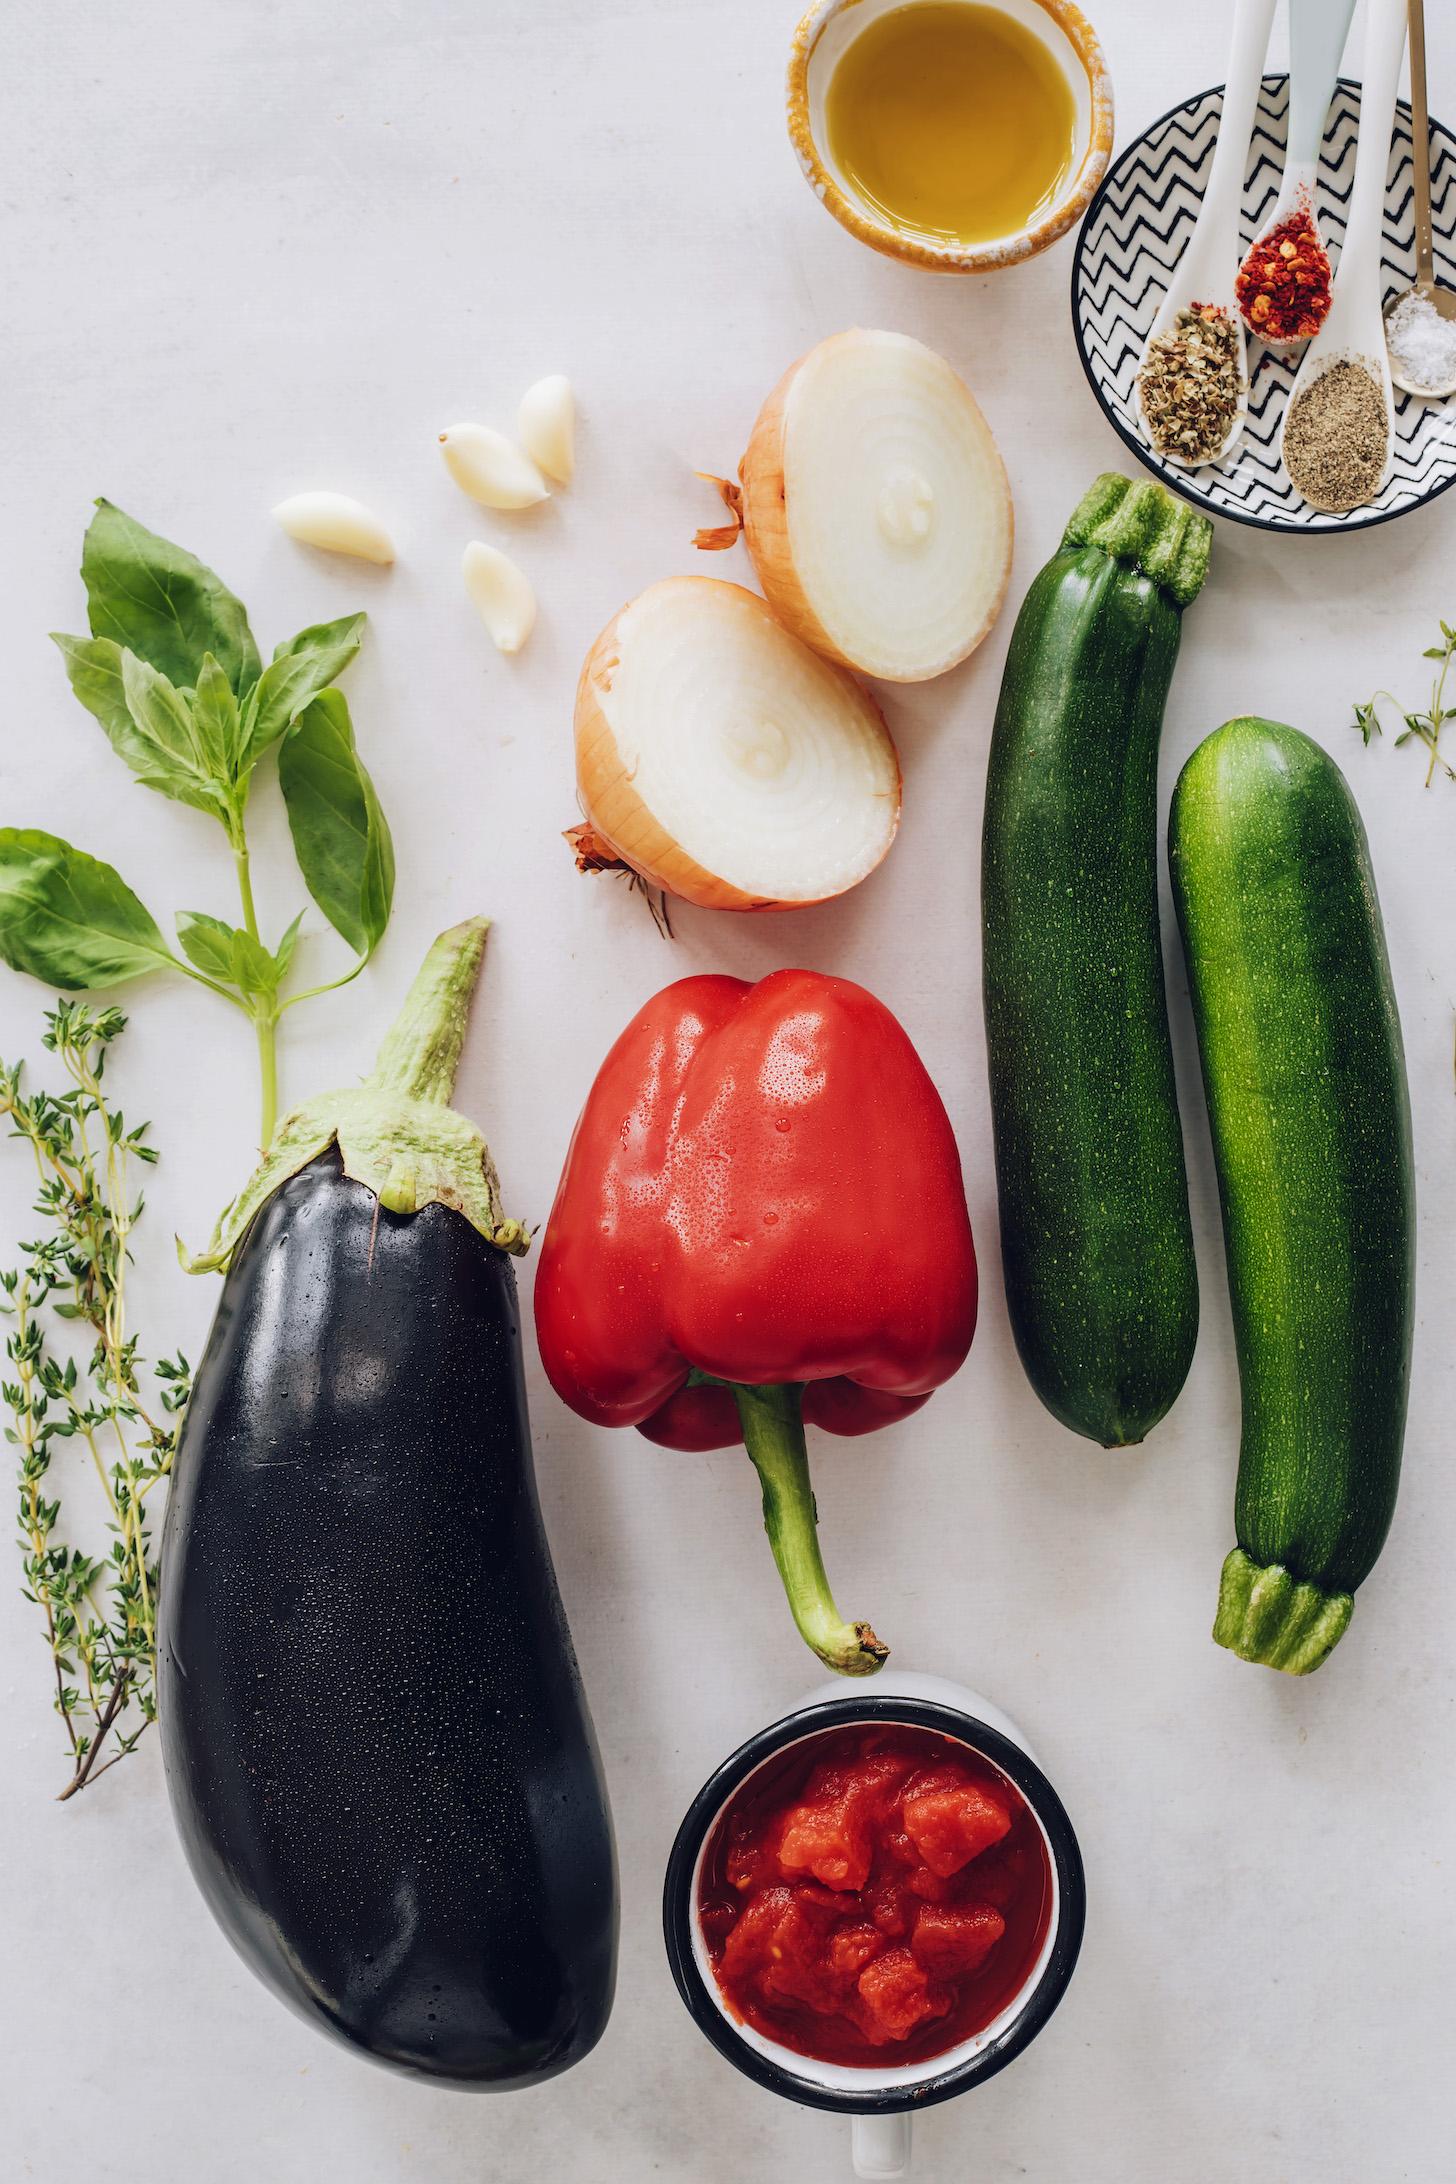 Fesleğen, kekik, sarımsak, soğan, patlıcan, dolmalık biber, kabak, domates, kekik, kırmızı pul biber, tuz, karabiber ve zeytinyağı